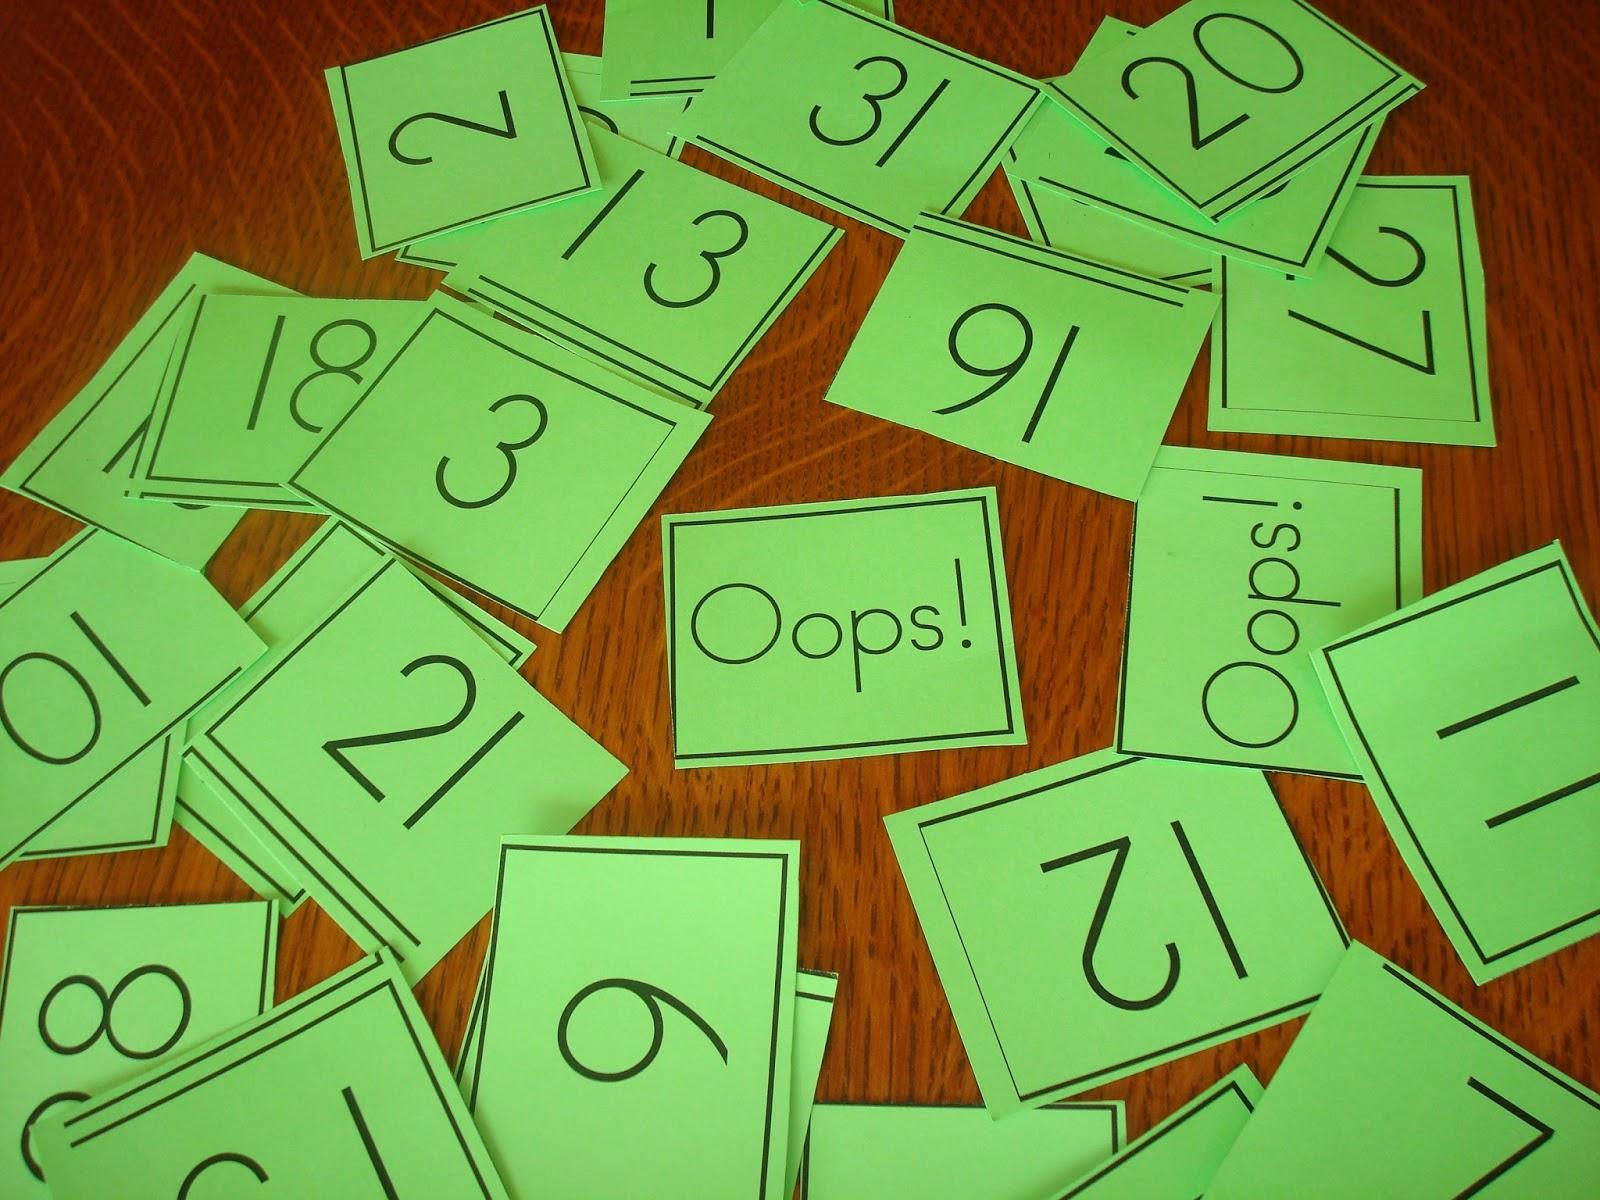 Lovenloot Game To Help Kindergartners Identify Numbers 1 30 Oops